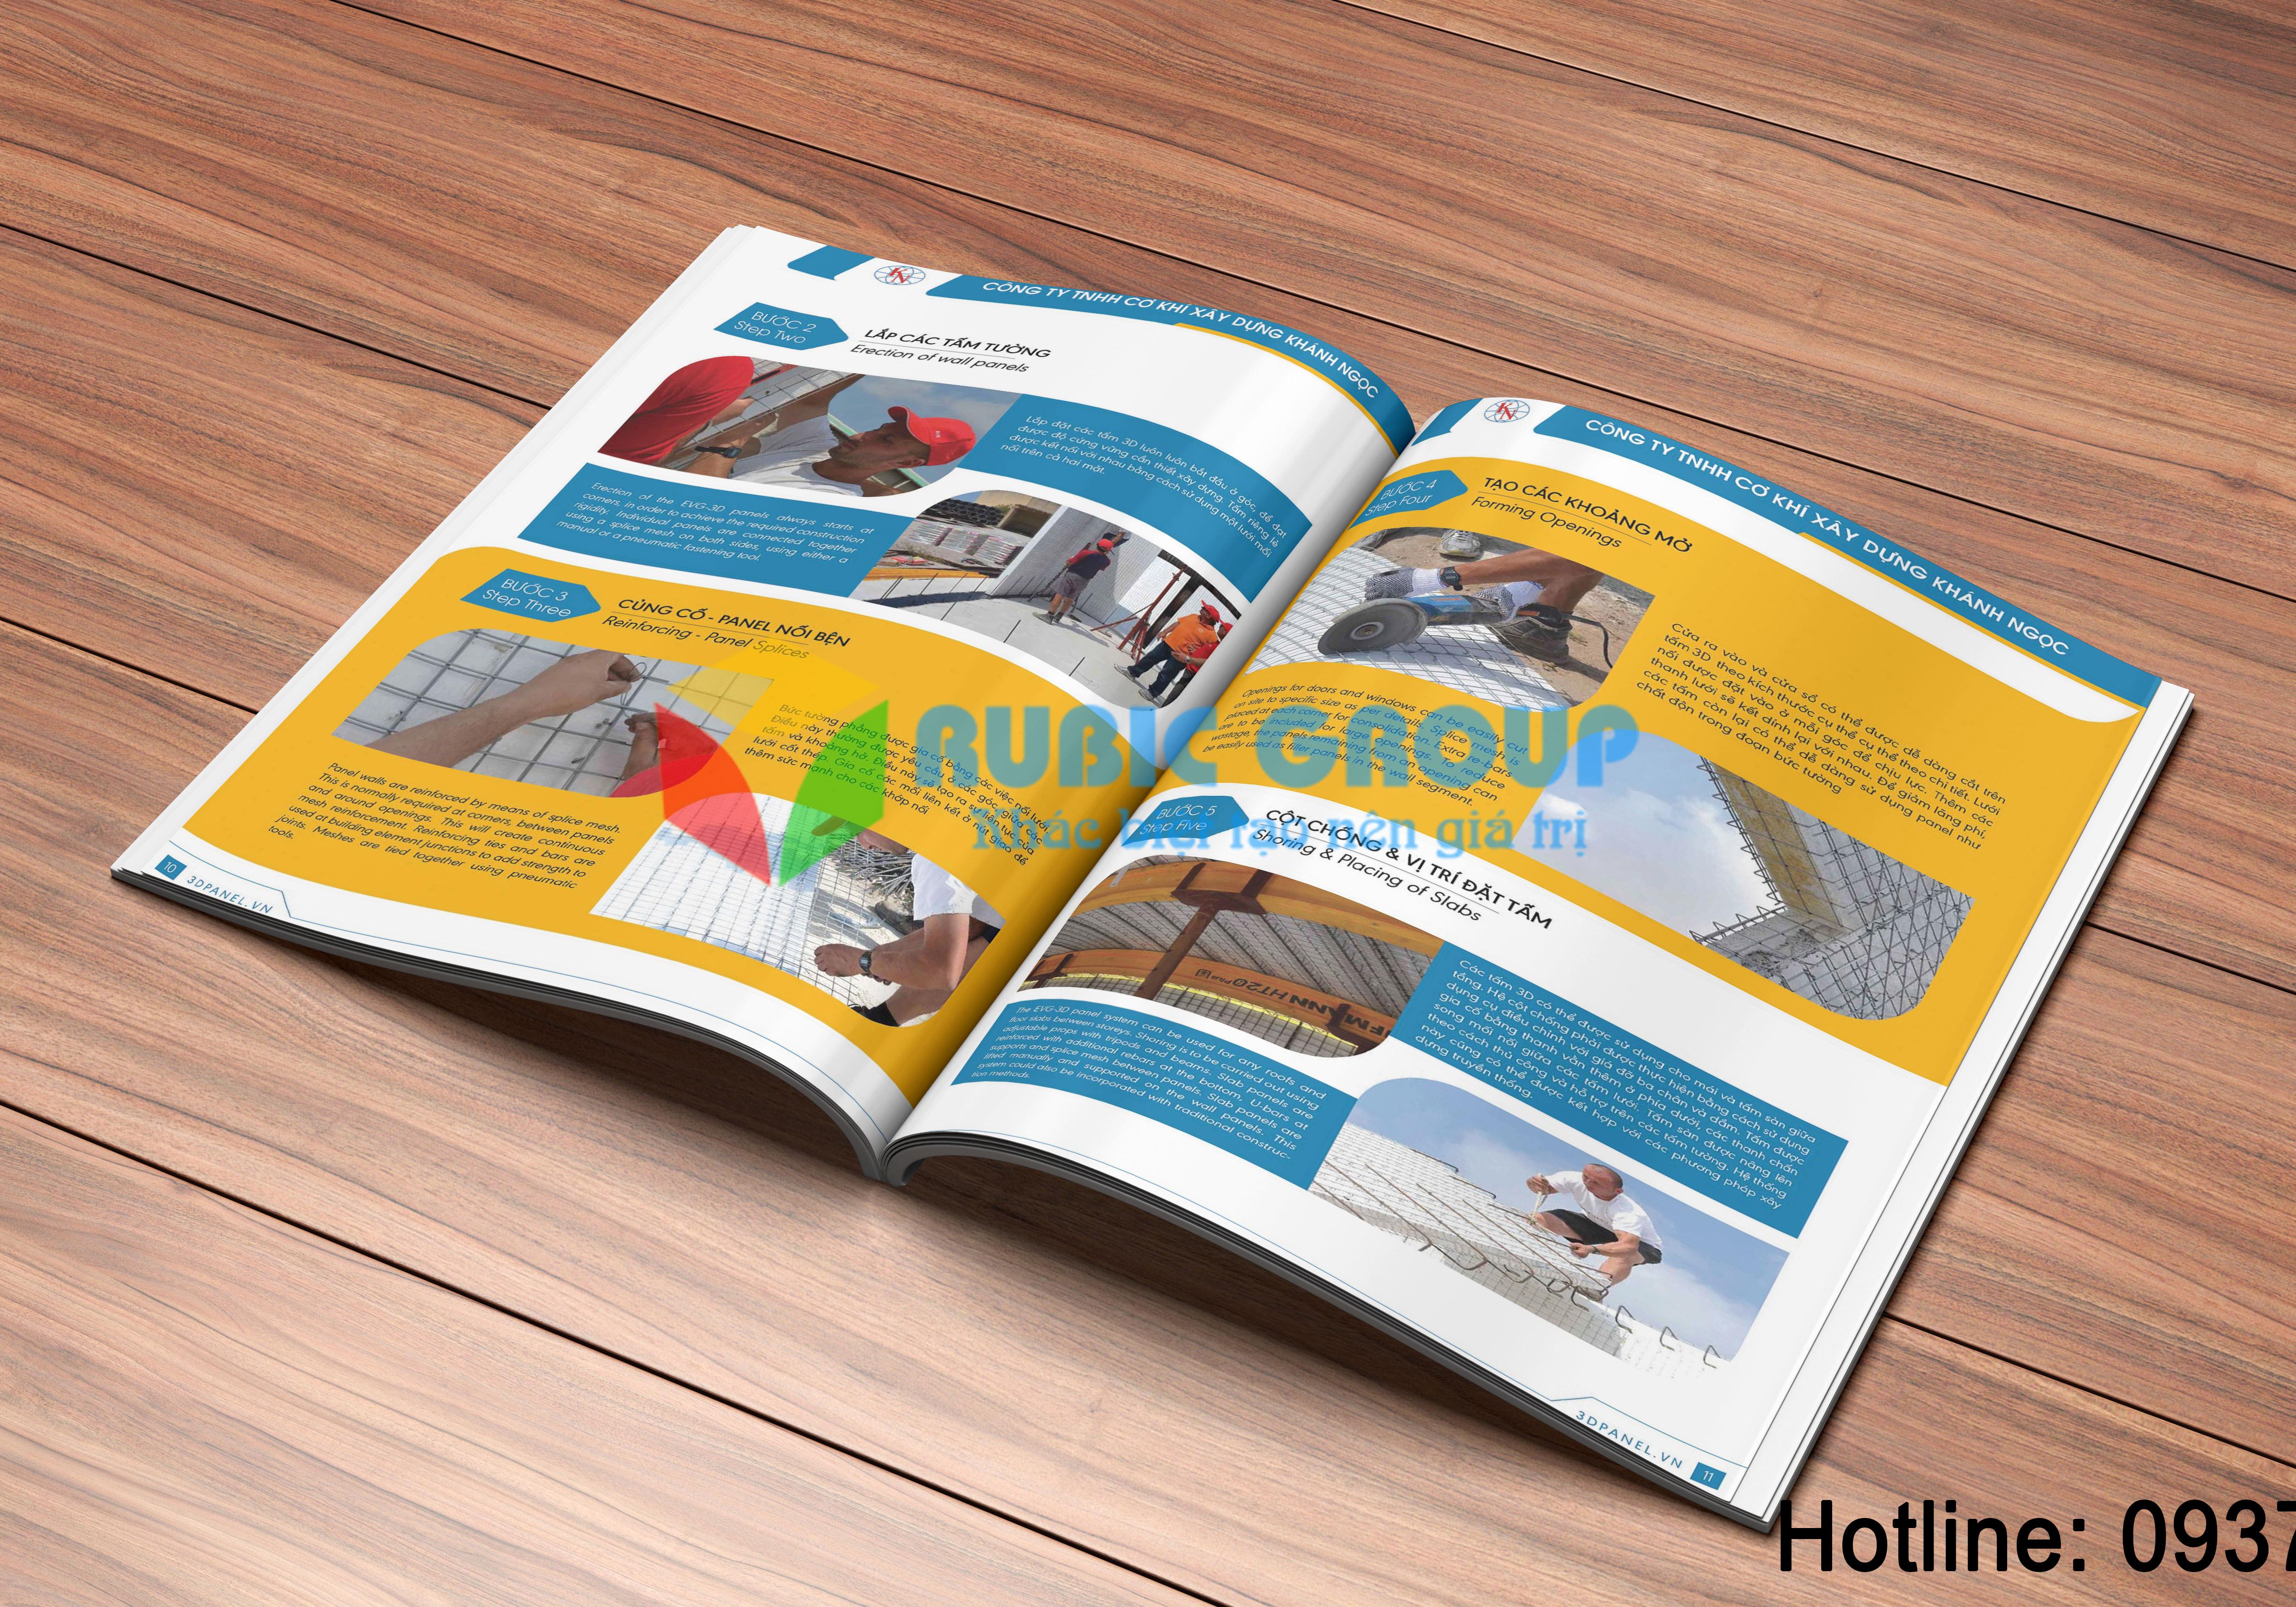 thiết kế catalogue 3dpanel tại biên hoà 5